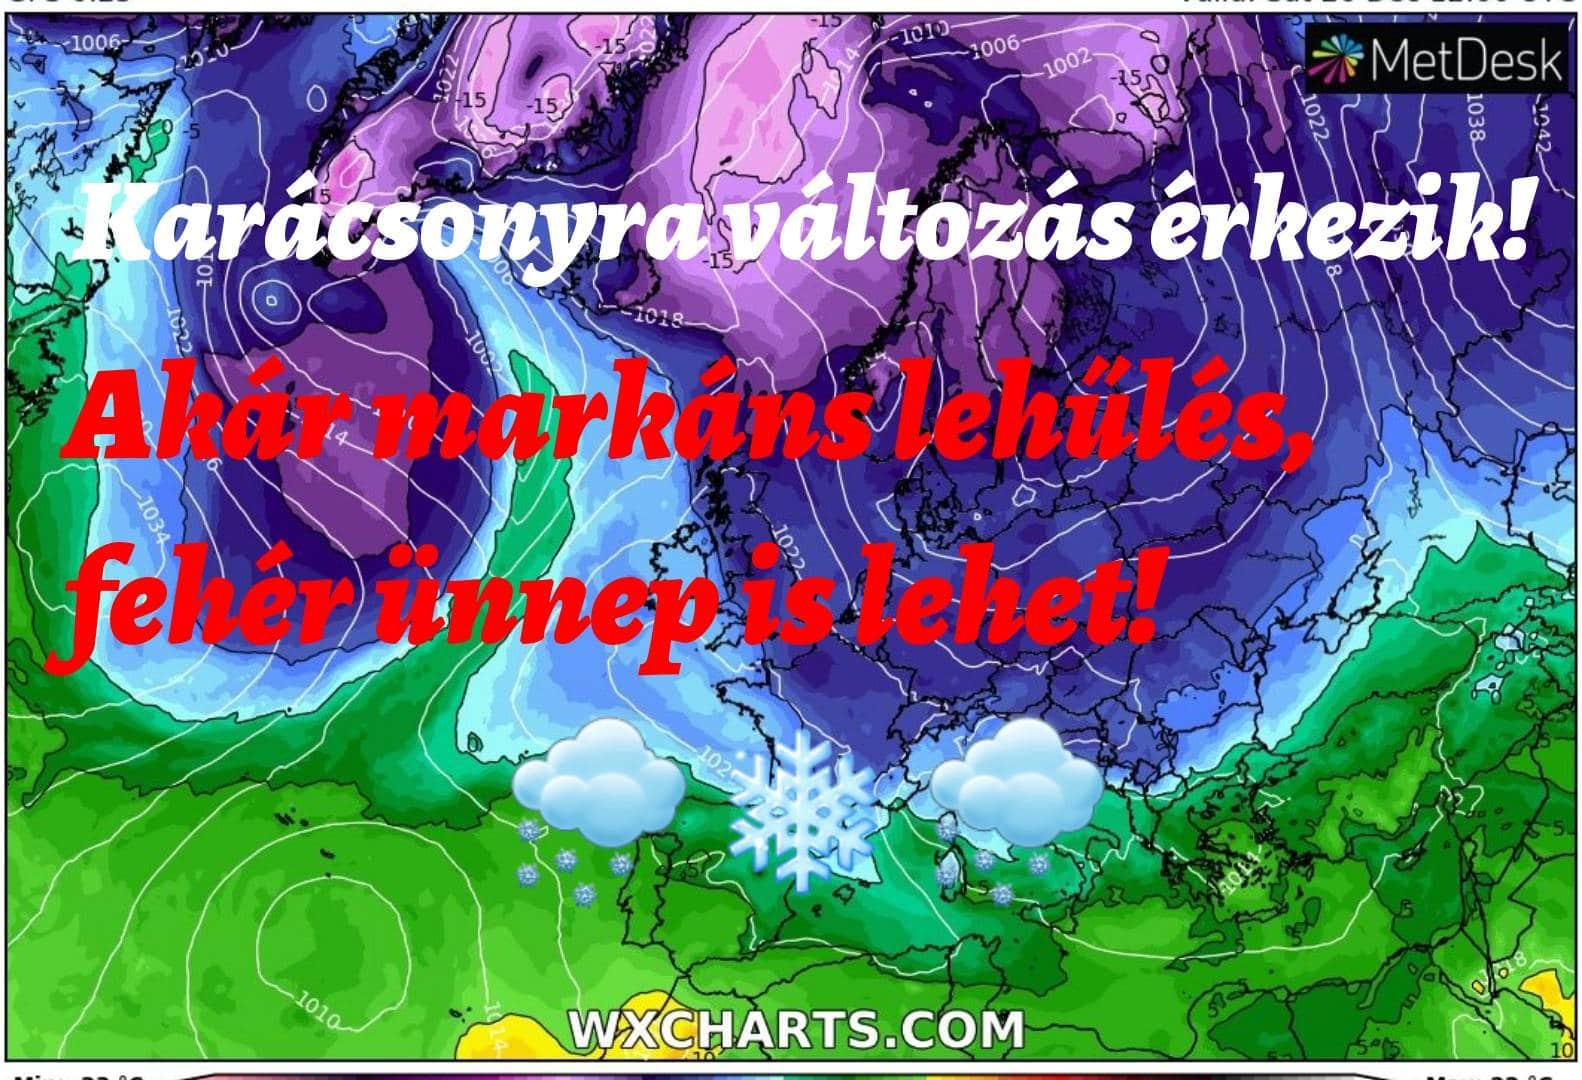 Hosszútávú időjárás előrejelzés: ködös kezdet, majd karácsonyra jöhet a változás! 3